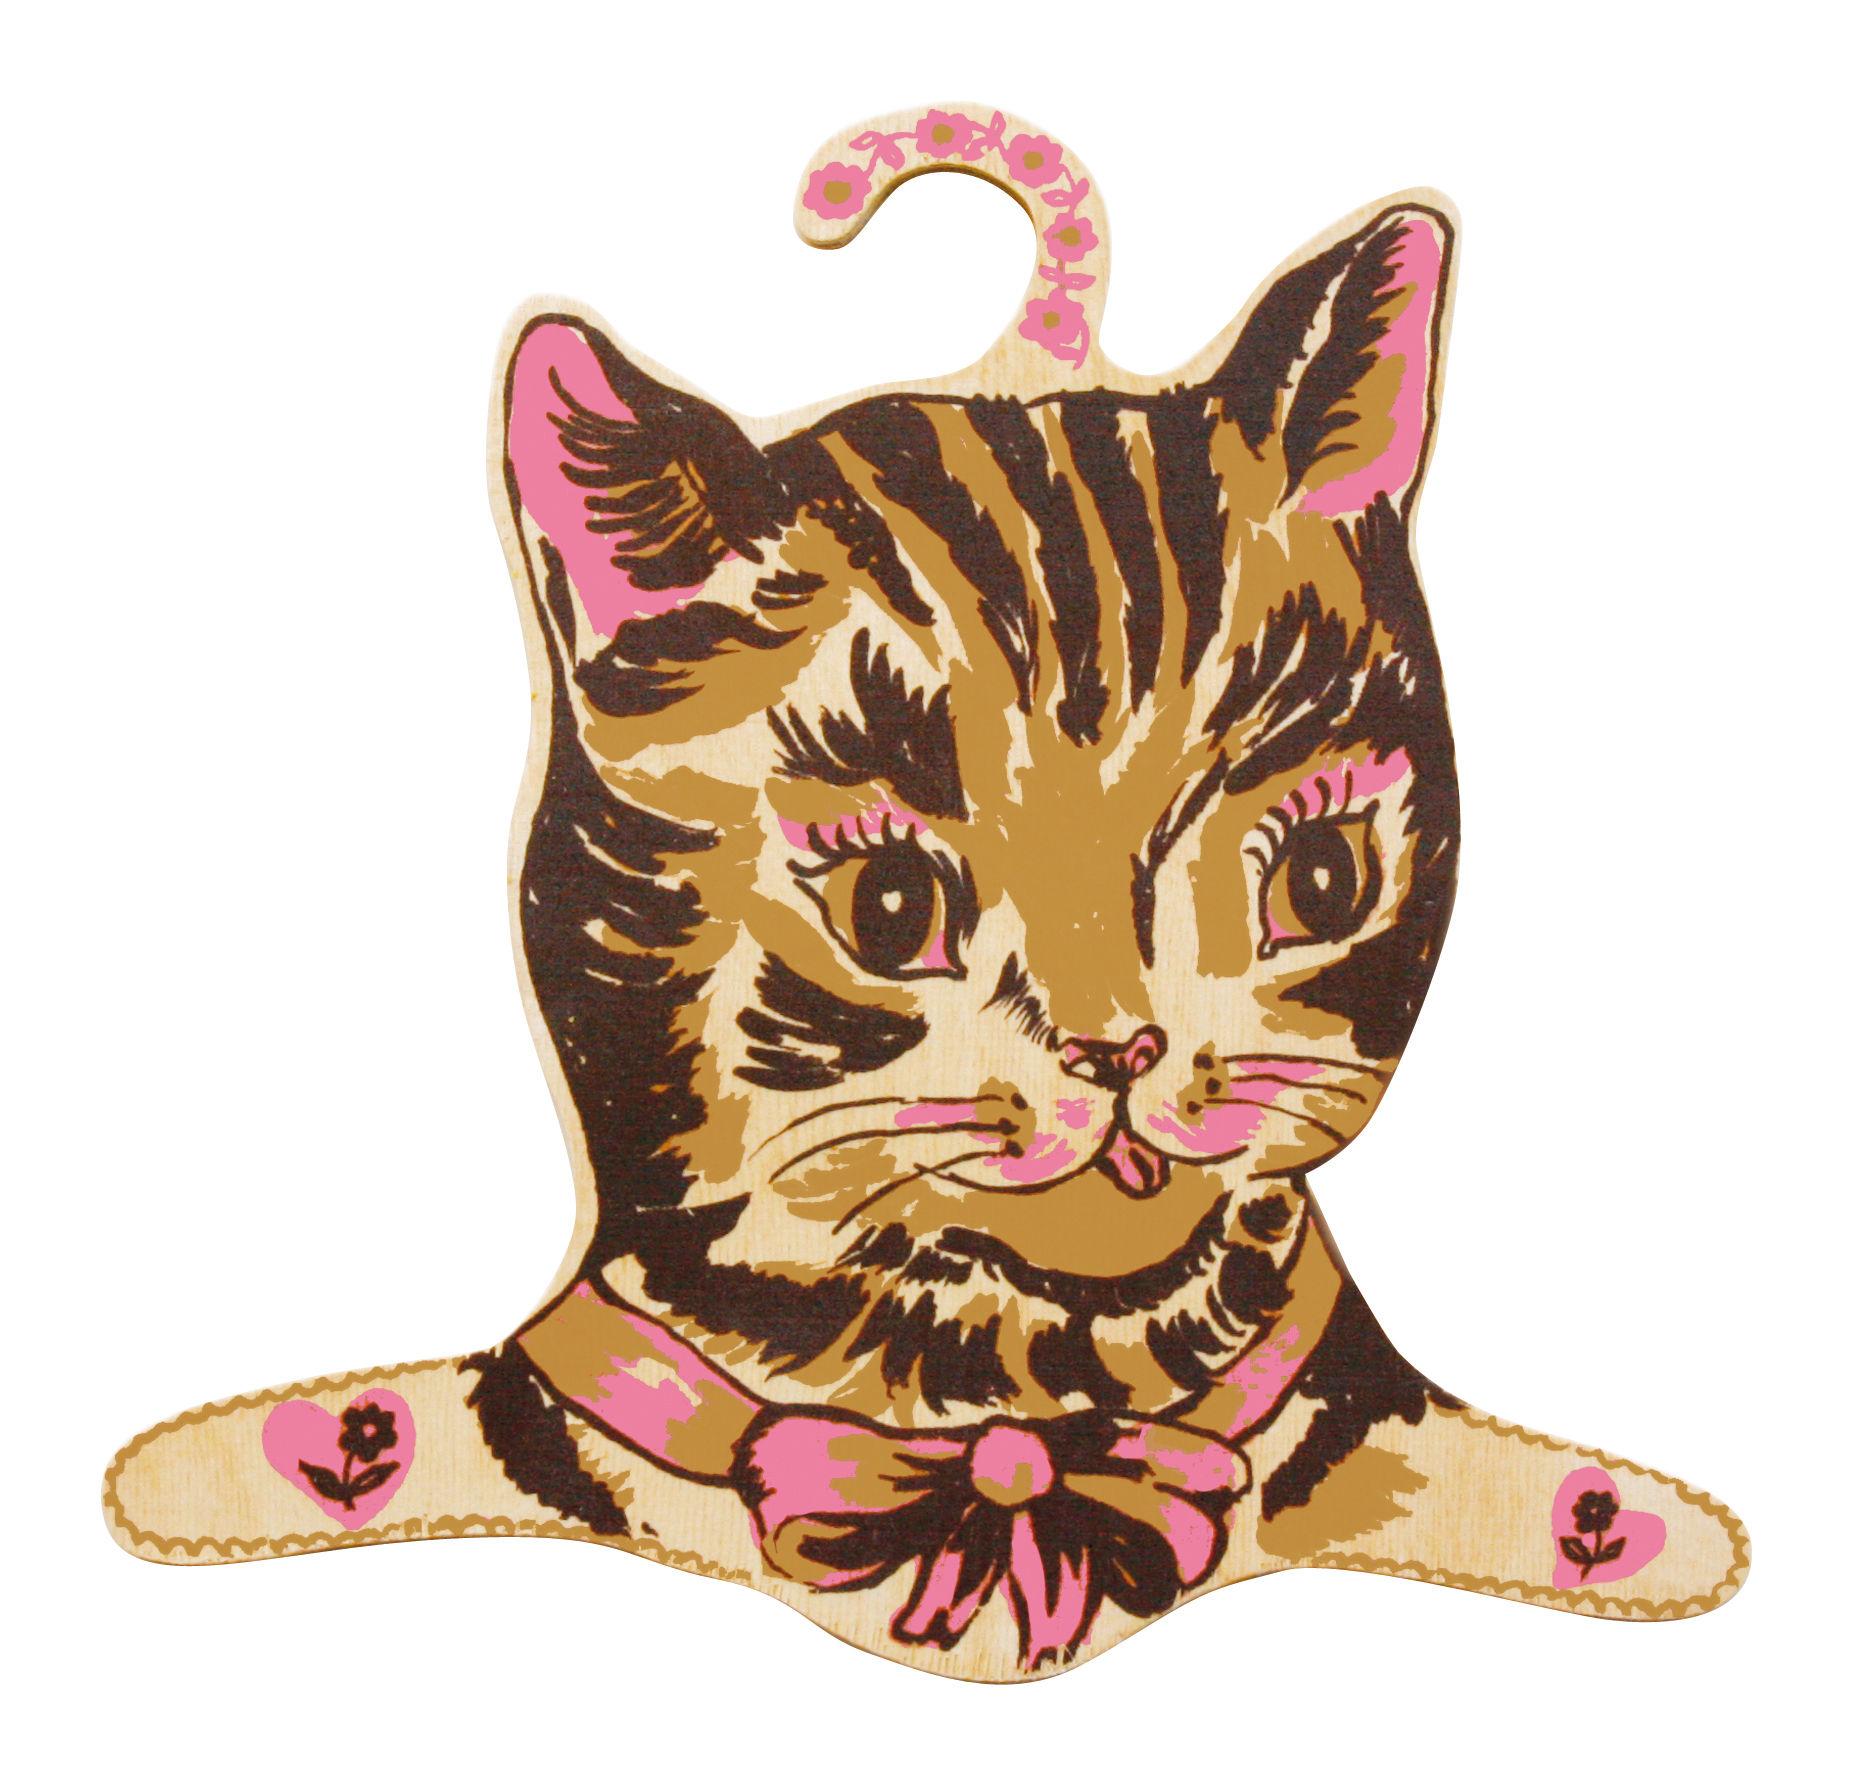 Interni - Per bambini - Attaccapanni Miaou! di Domestic - Gatto multicolore - Compensato di abete